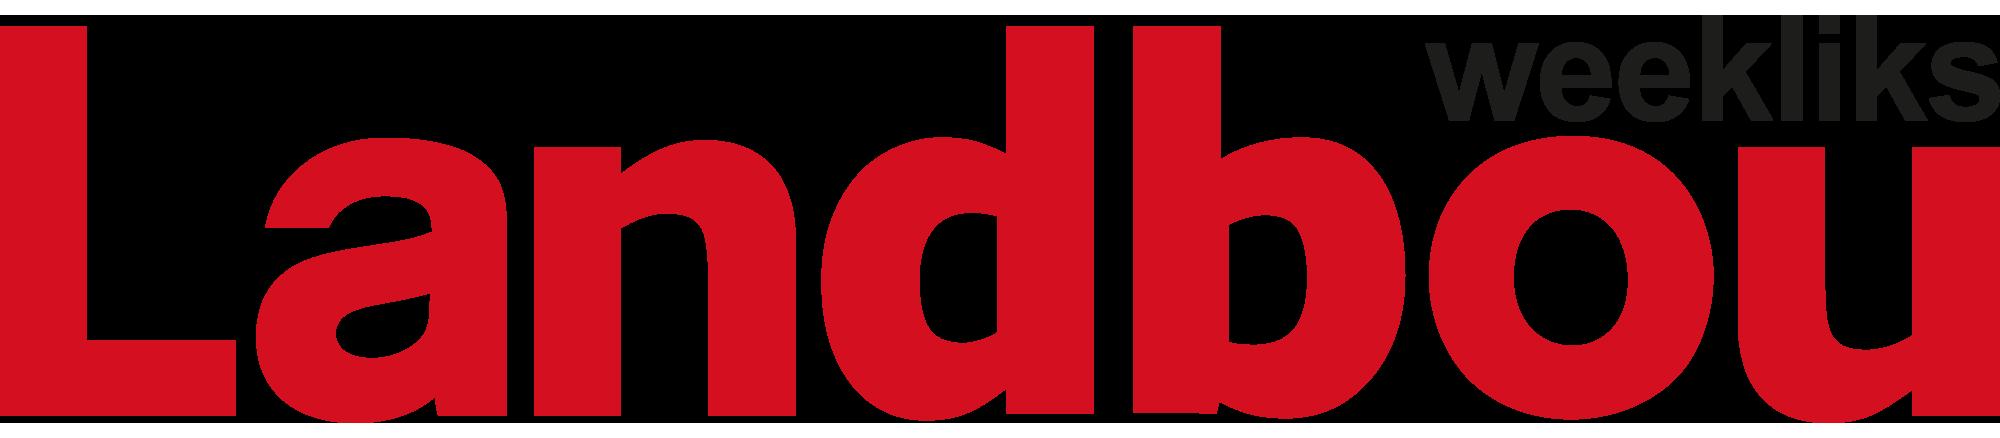 LandbouWeekliks_logo